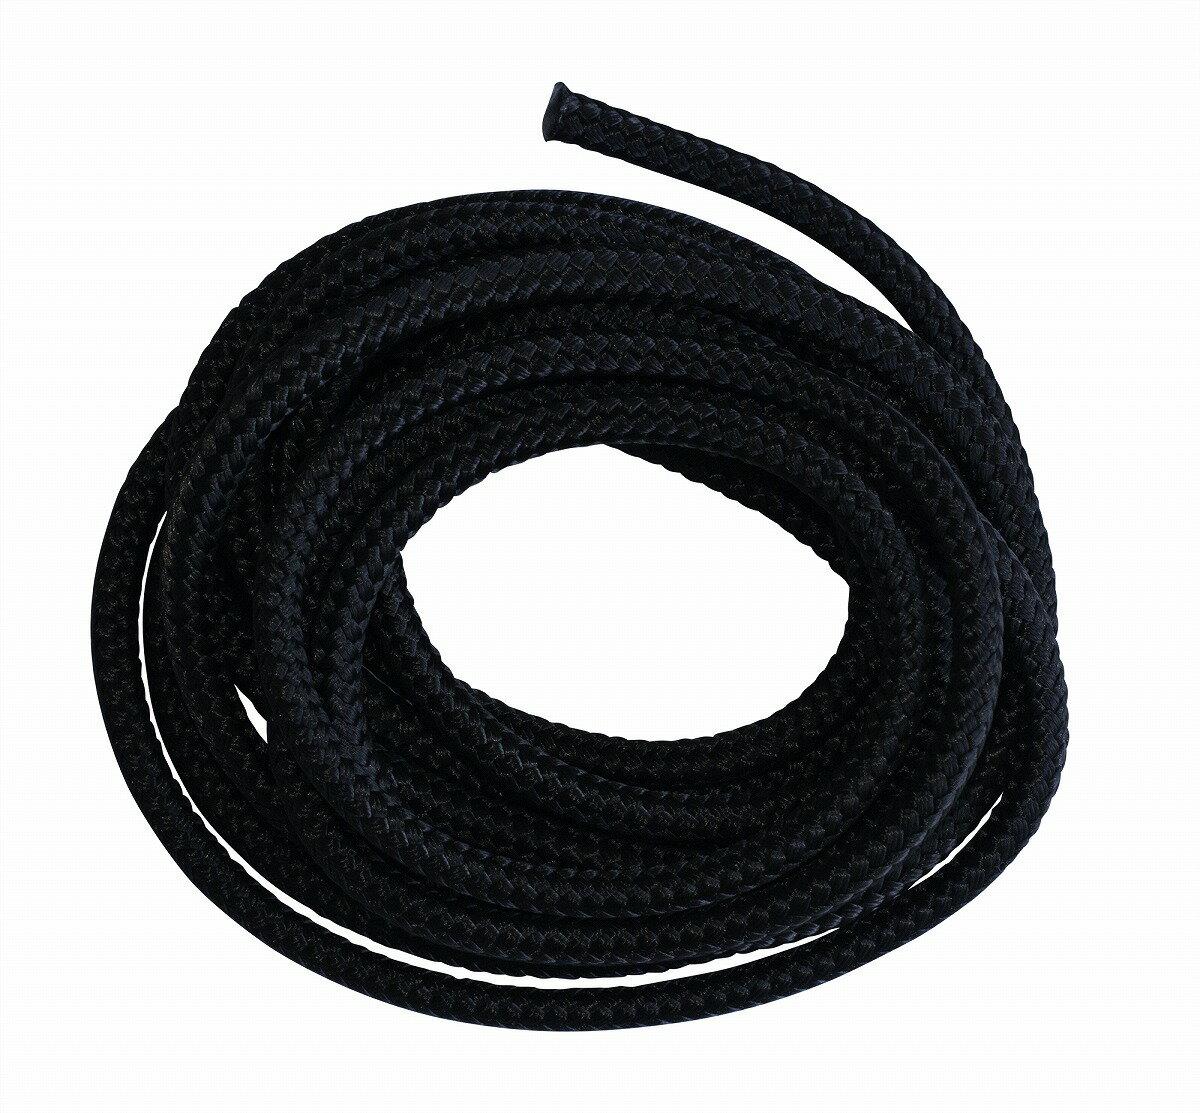 ハンモック・ハンモックチェア取り付け用ロープ 長さ3m...:auc-susabi:10000006